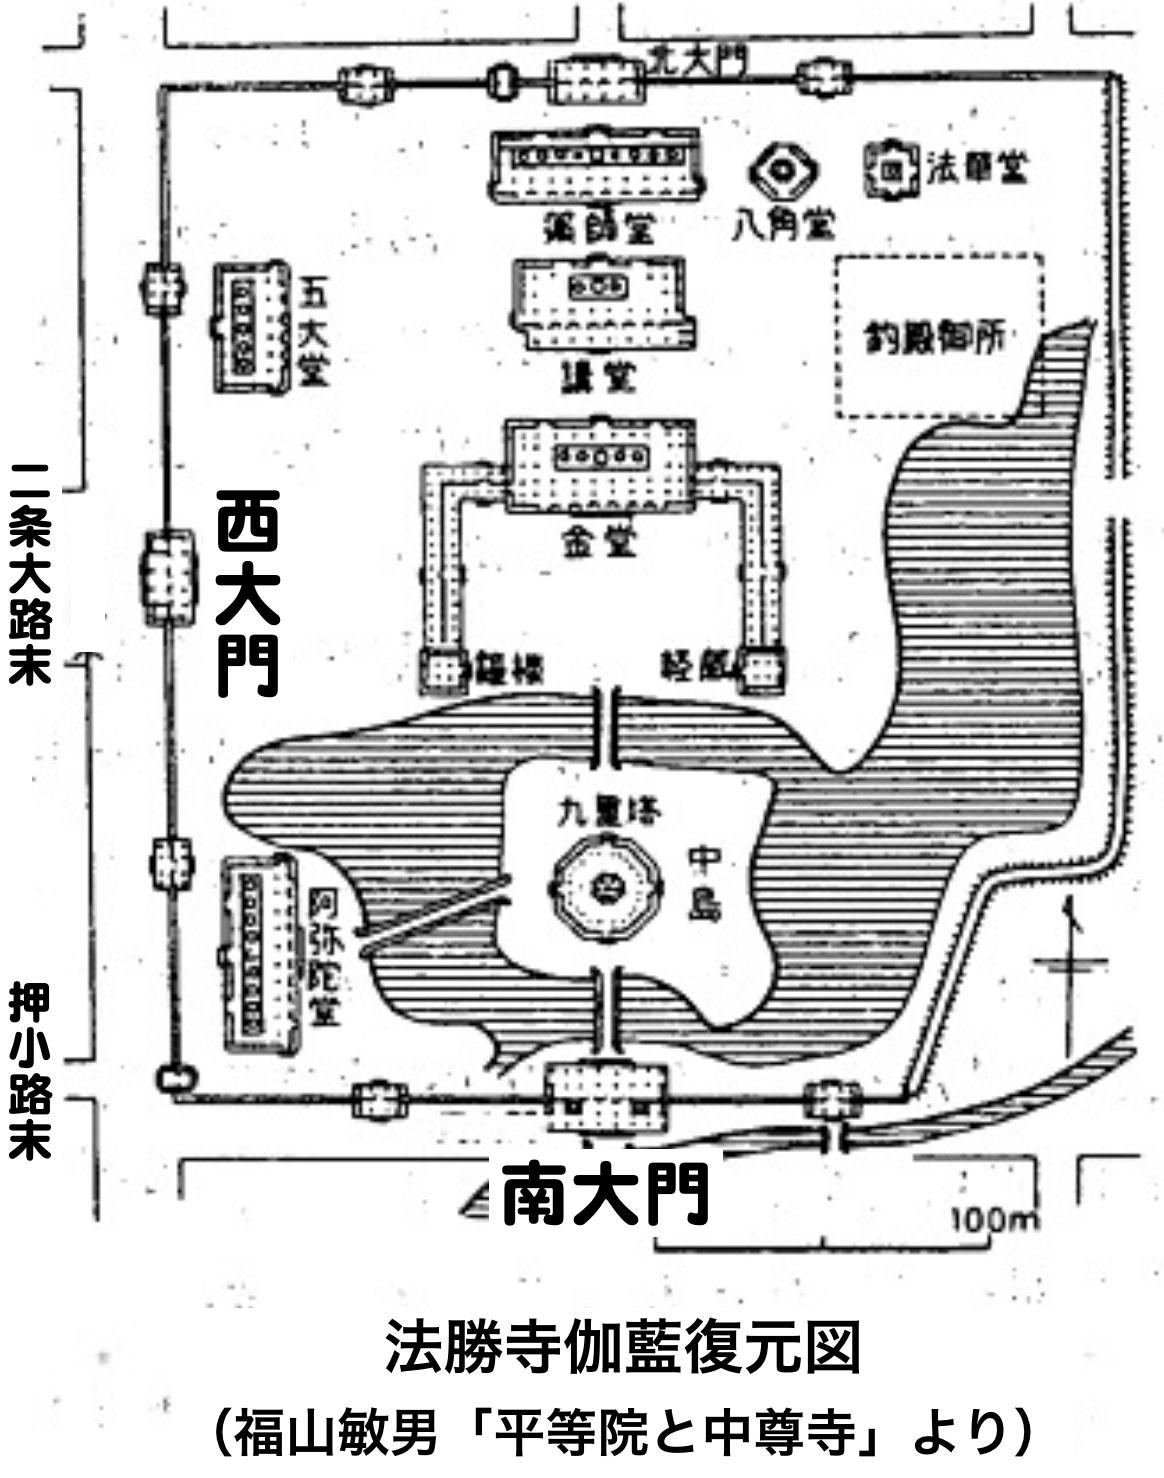 9:法勝寺伽藍復元図